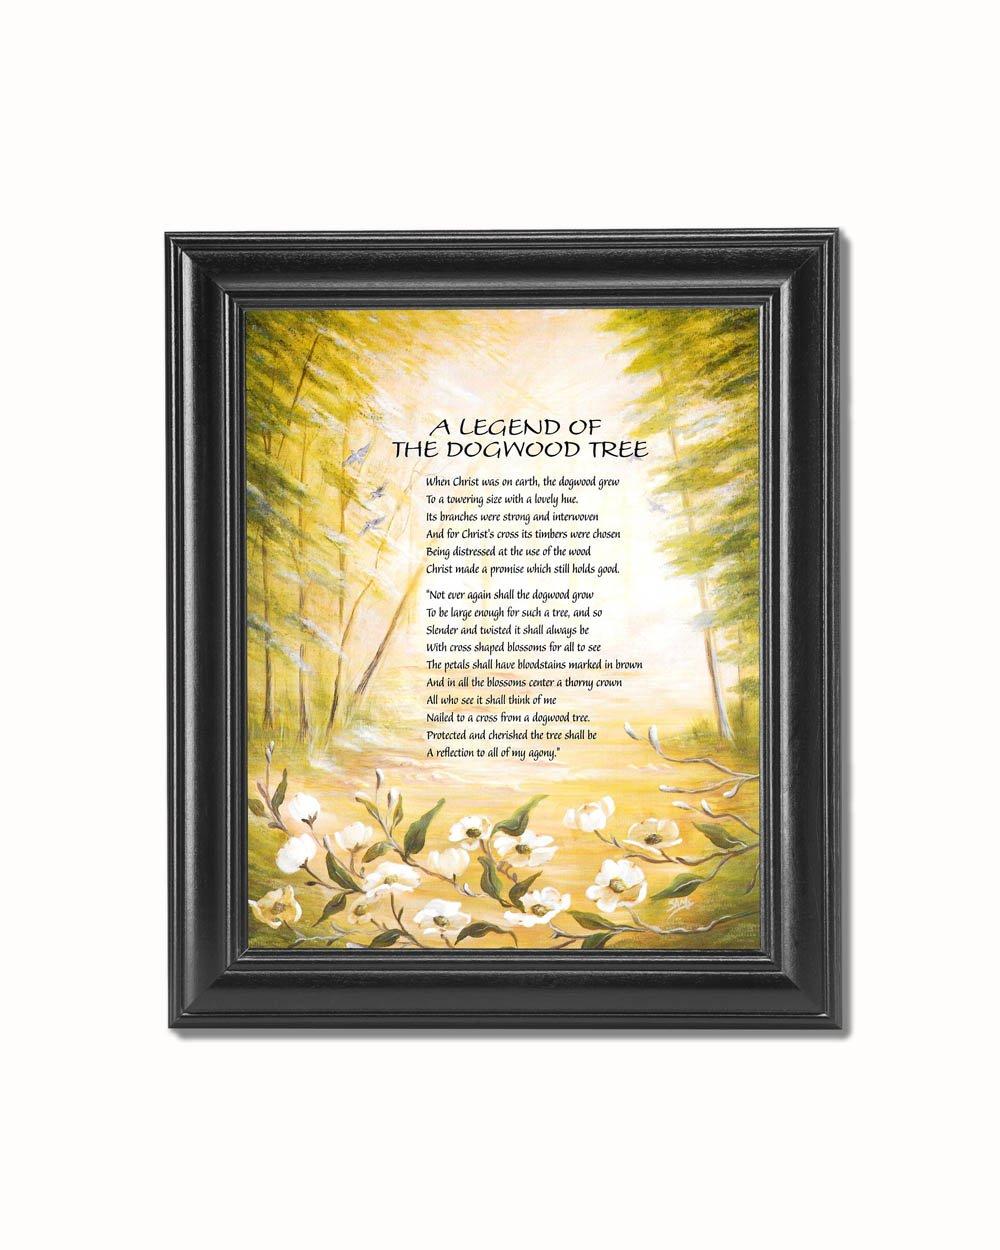 Amazon legend of the dogwood tree christian religious black amazon legend of the dogwood tree christian religious black framed 8x10 art print posters prints jeuxipadfo Images